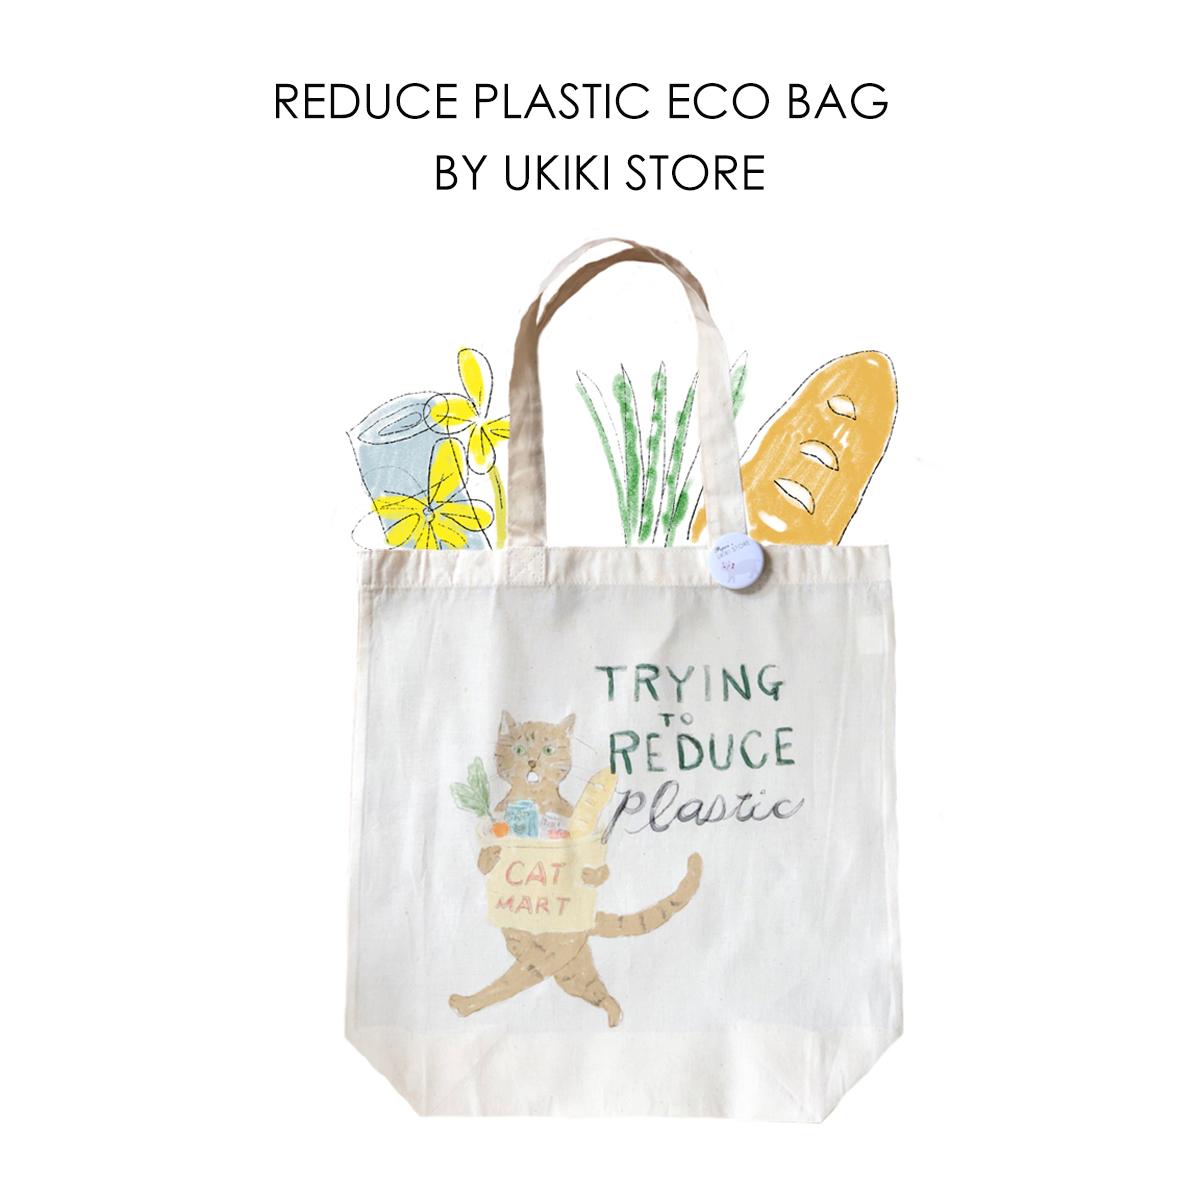 【猫の日特別コラボ】REDUE PLASTIC ECO BAG BY UKIKI STORE画像